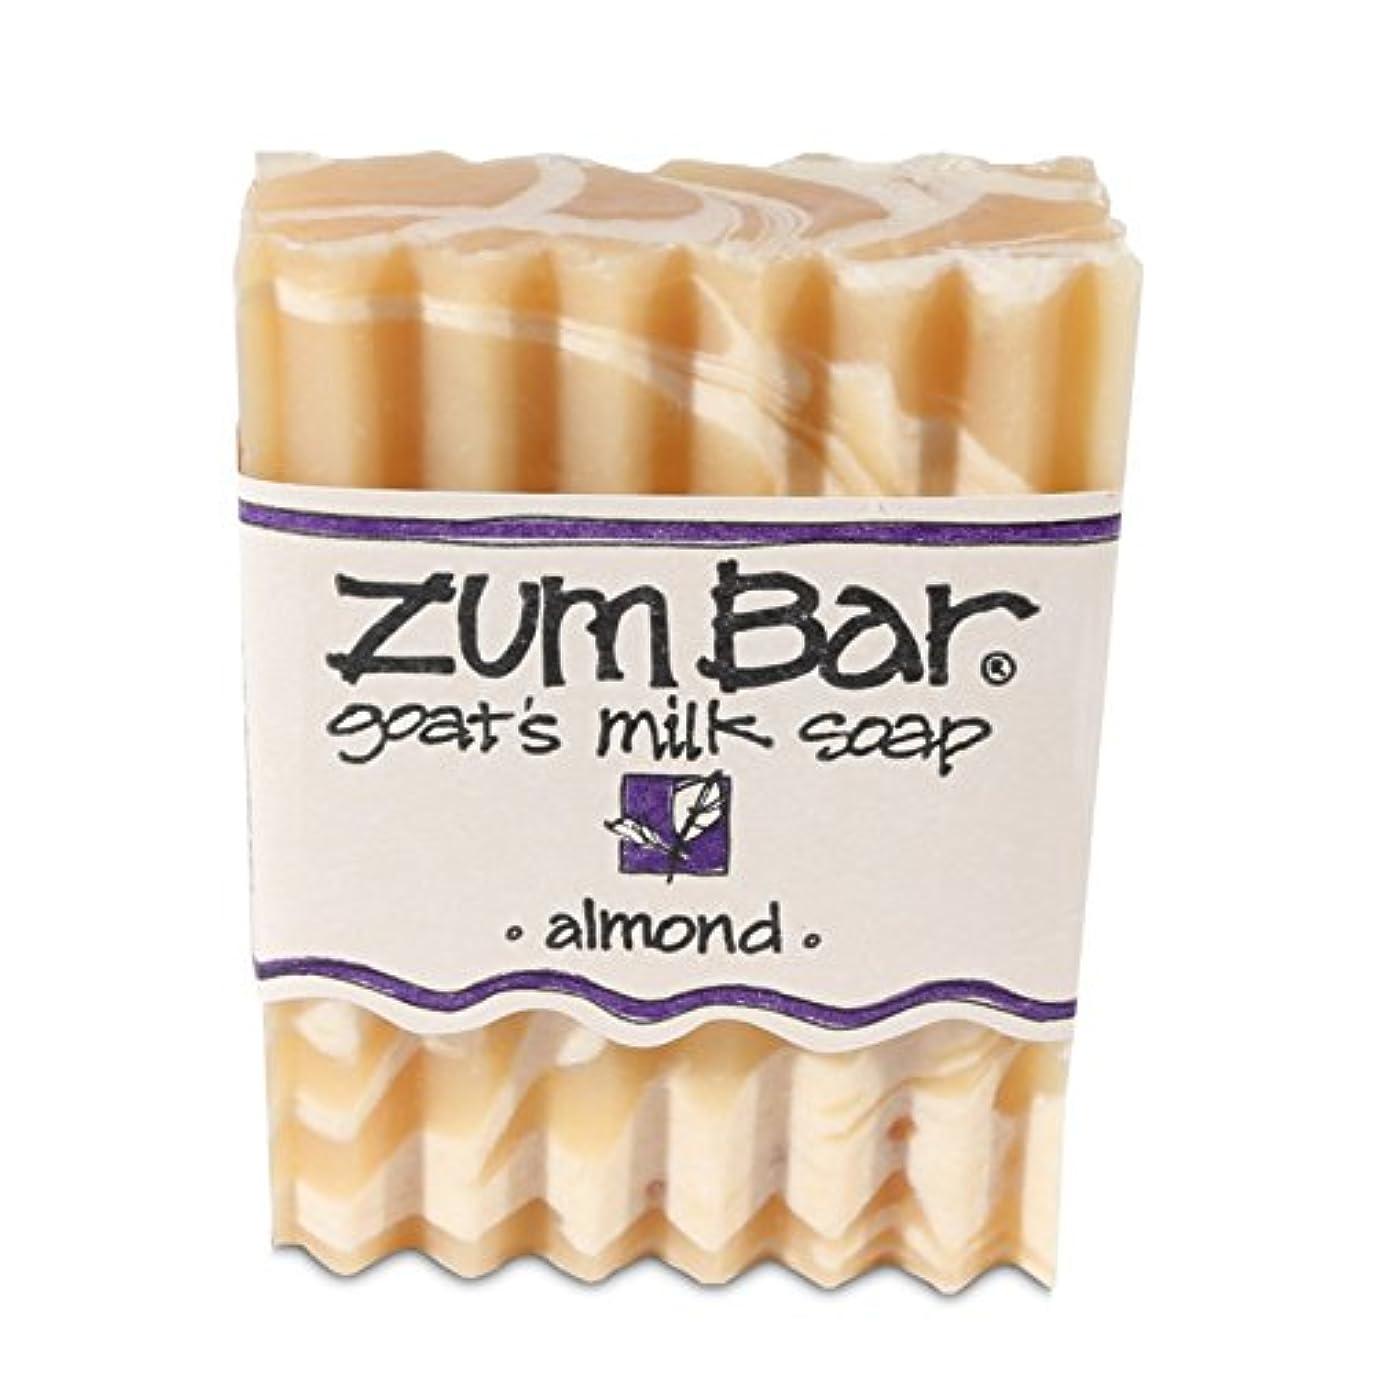 手数料ファウル責海外直送品 Indigo Wild, Zum Bar, Goat's ミルク ソープ アーモンド , 3 Ounces (2個セット) (Almond) [並行輸入品]